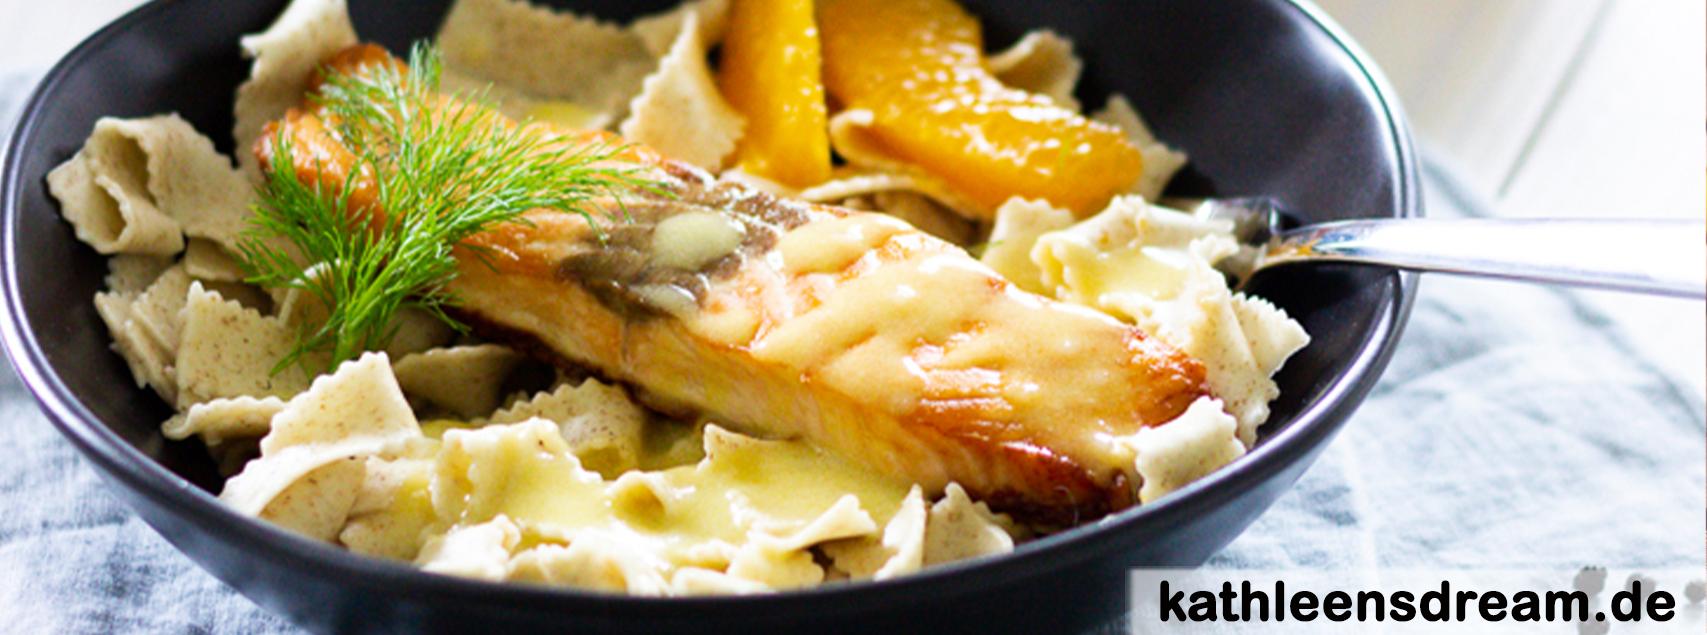 Pasta mit Lachs und Orangen-Fenchel-Soße